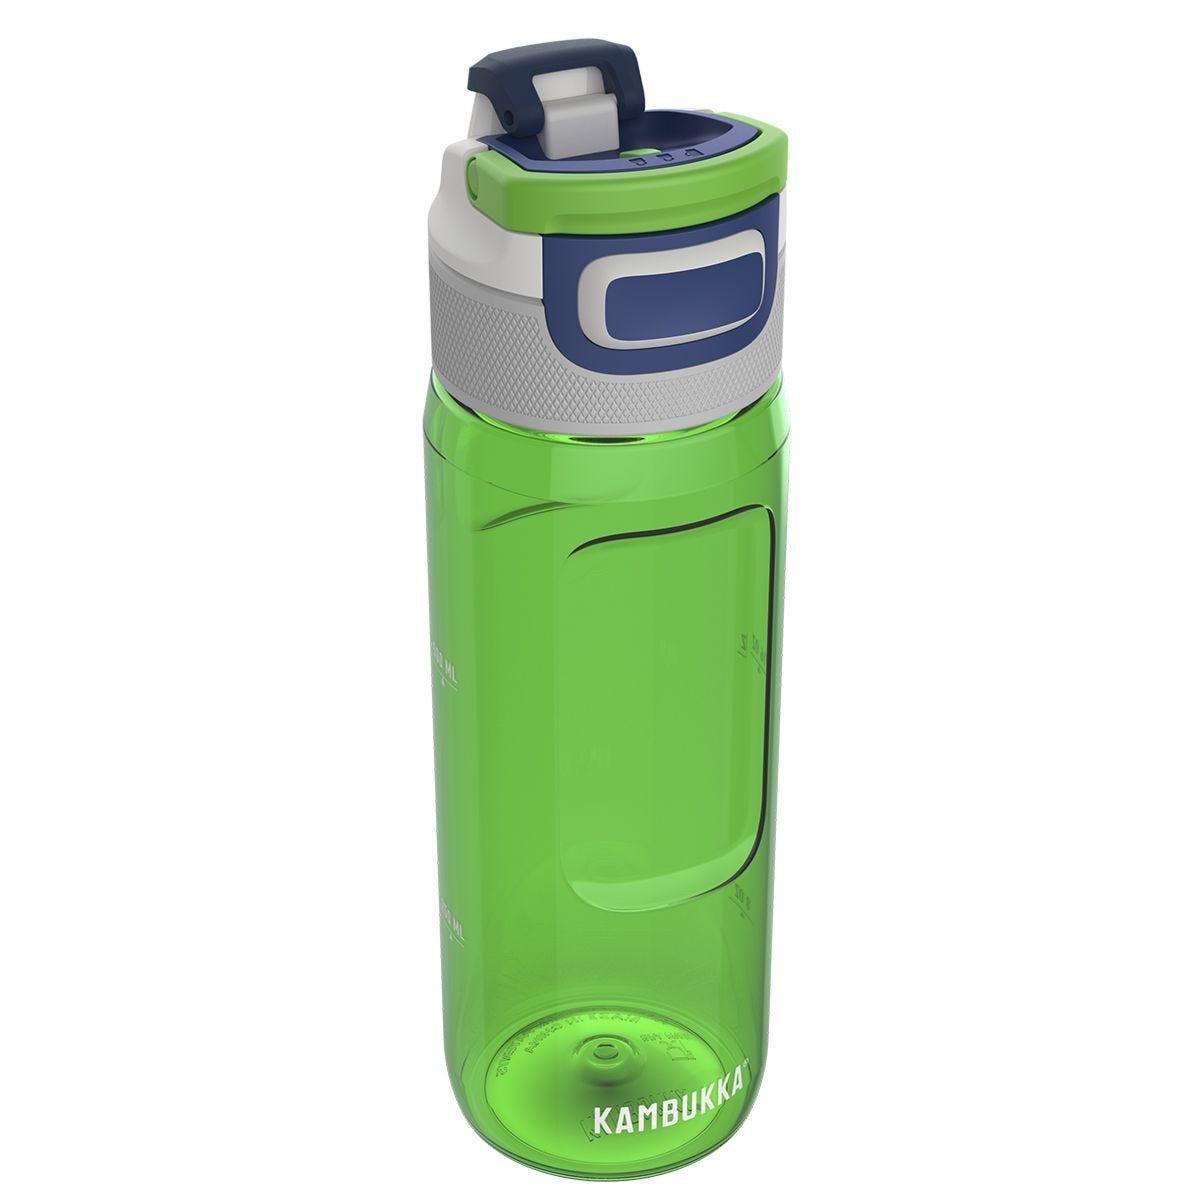 Kambukka Elton Water Bottle 750ml - Spring Green